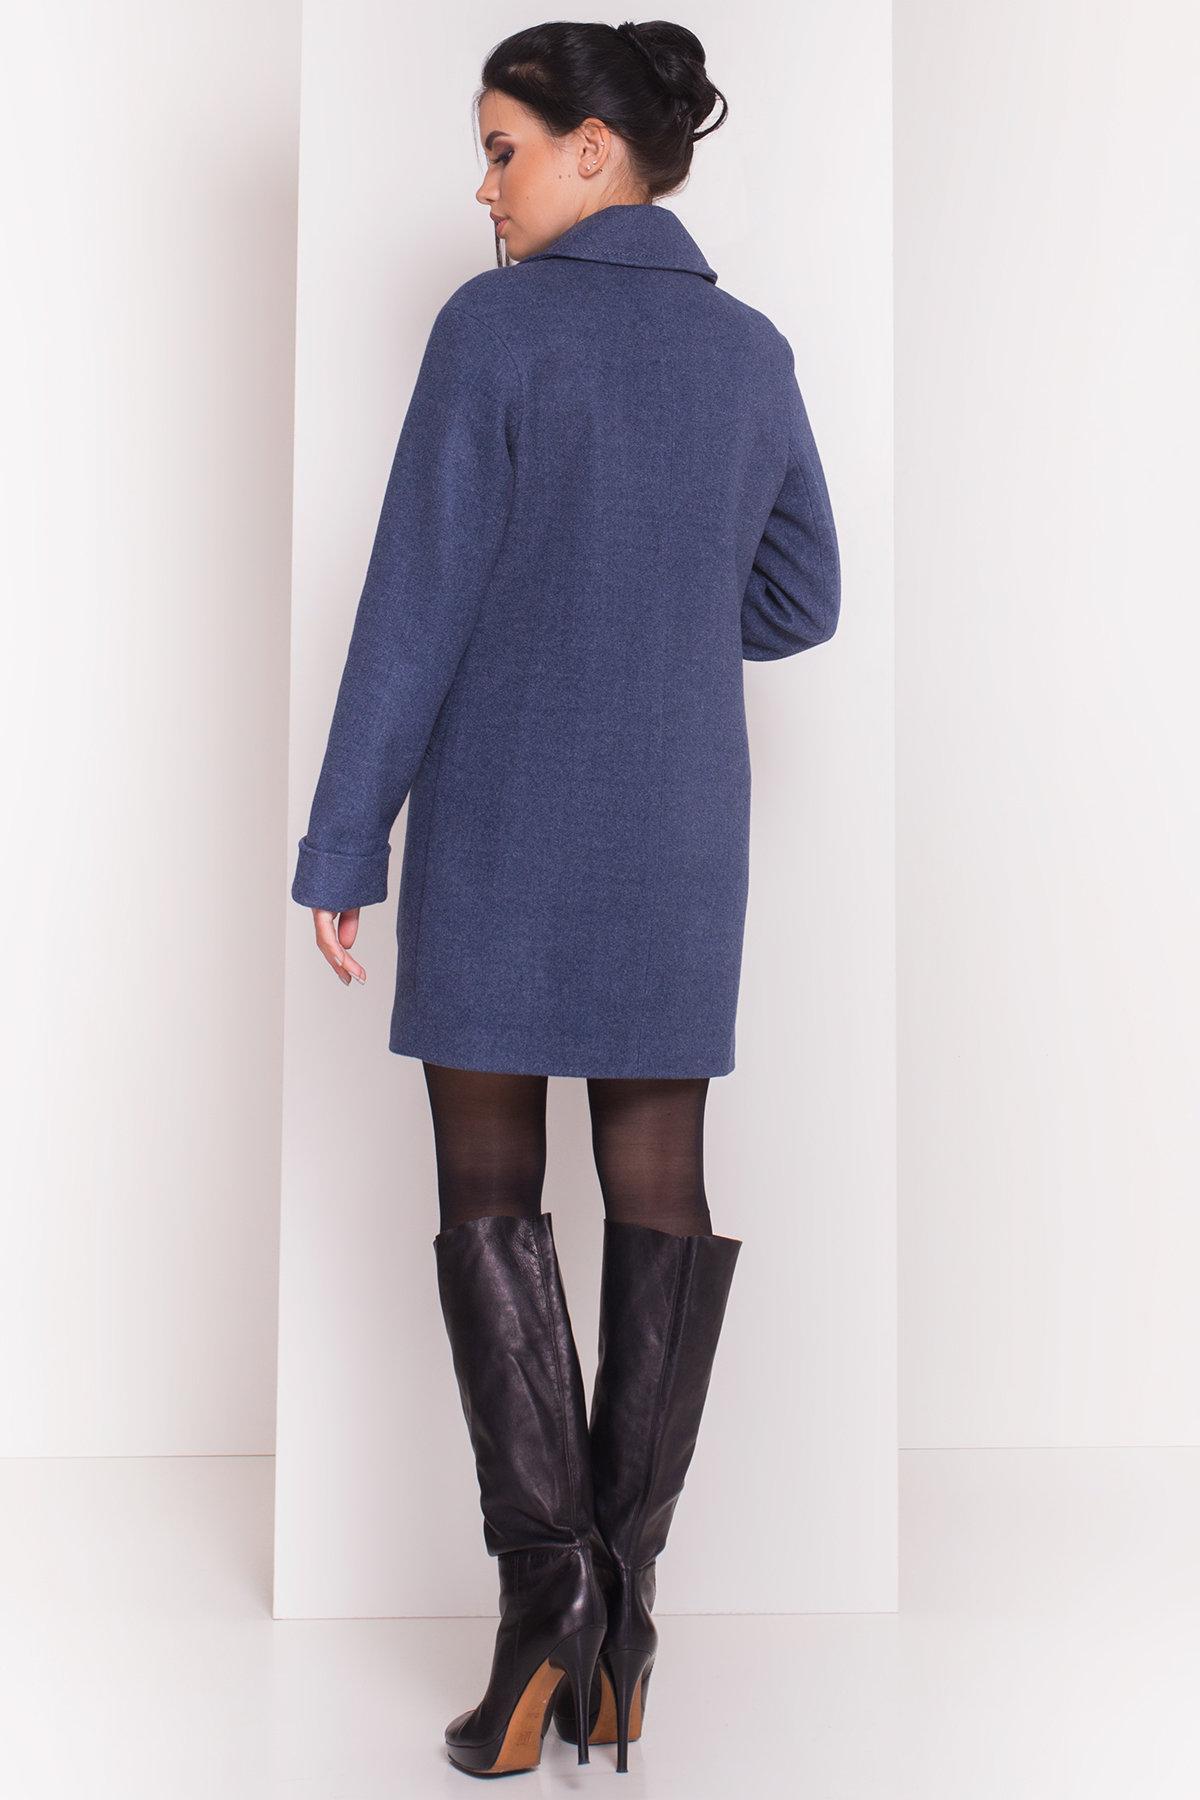 Пальто Ждана  5405 АРТ. 36715 Цвет: Джинс - фото 4, интернет магазин tm-modus.ru